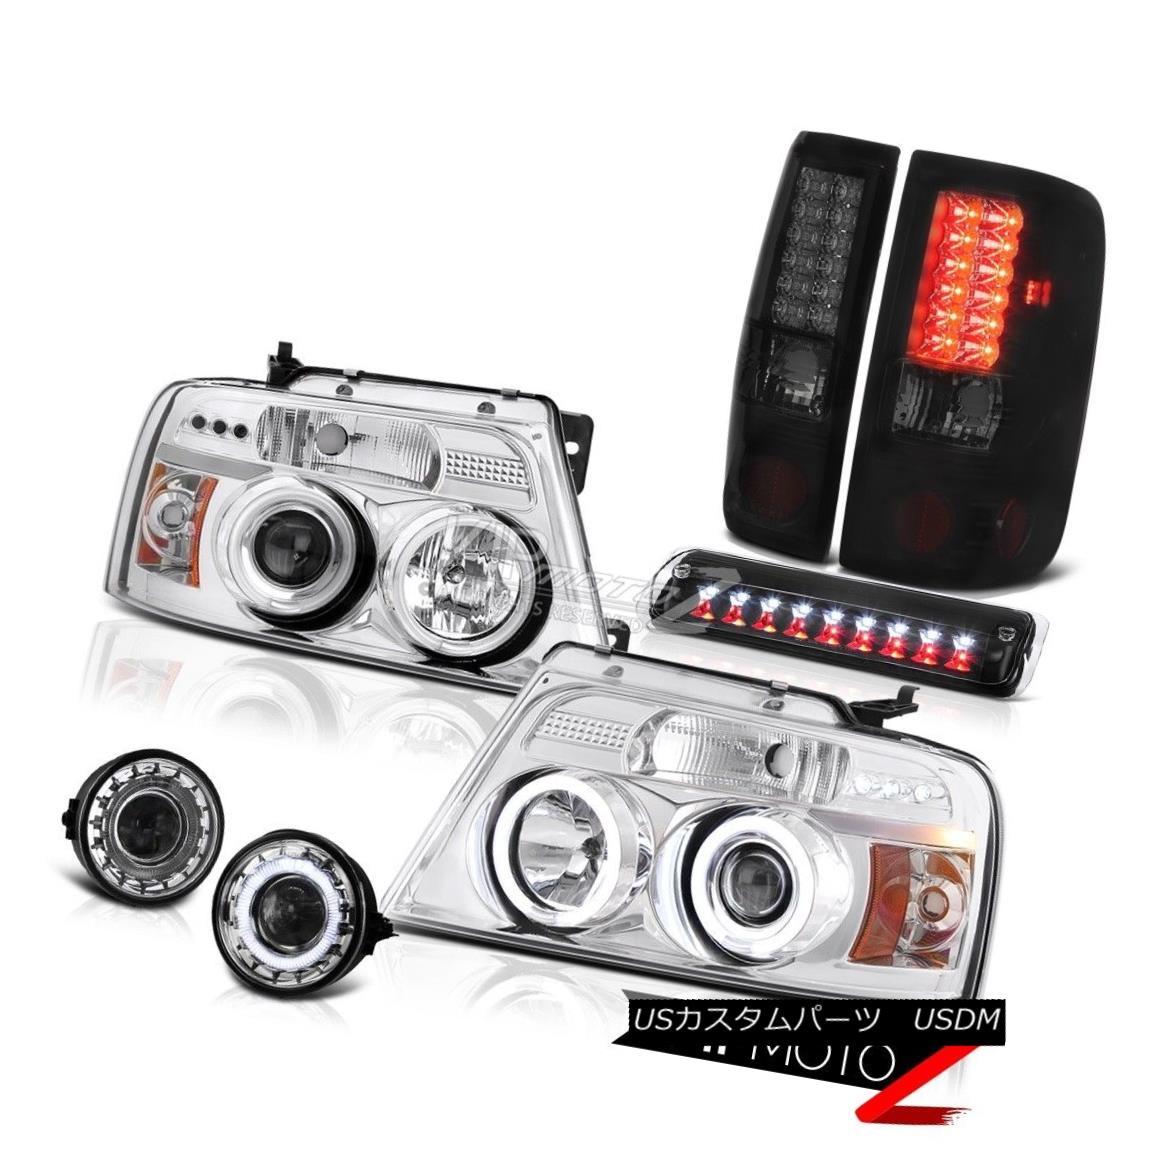 ヘッドライト 06-08 Ford F150 FX4 Fog Lamps Black 3rd Brake Light Headlamps Taillights Newest 06-08フォードF150 FX4フォグランプブラック第3ブレーキライトヘッドランプテールライト最新